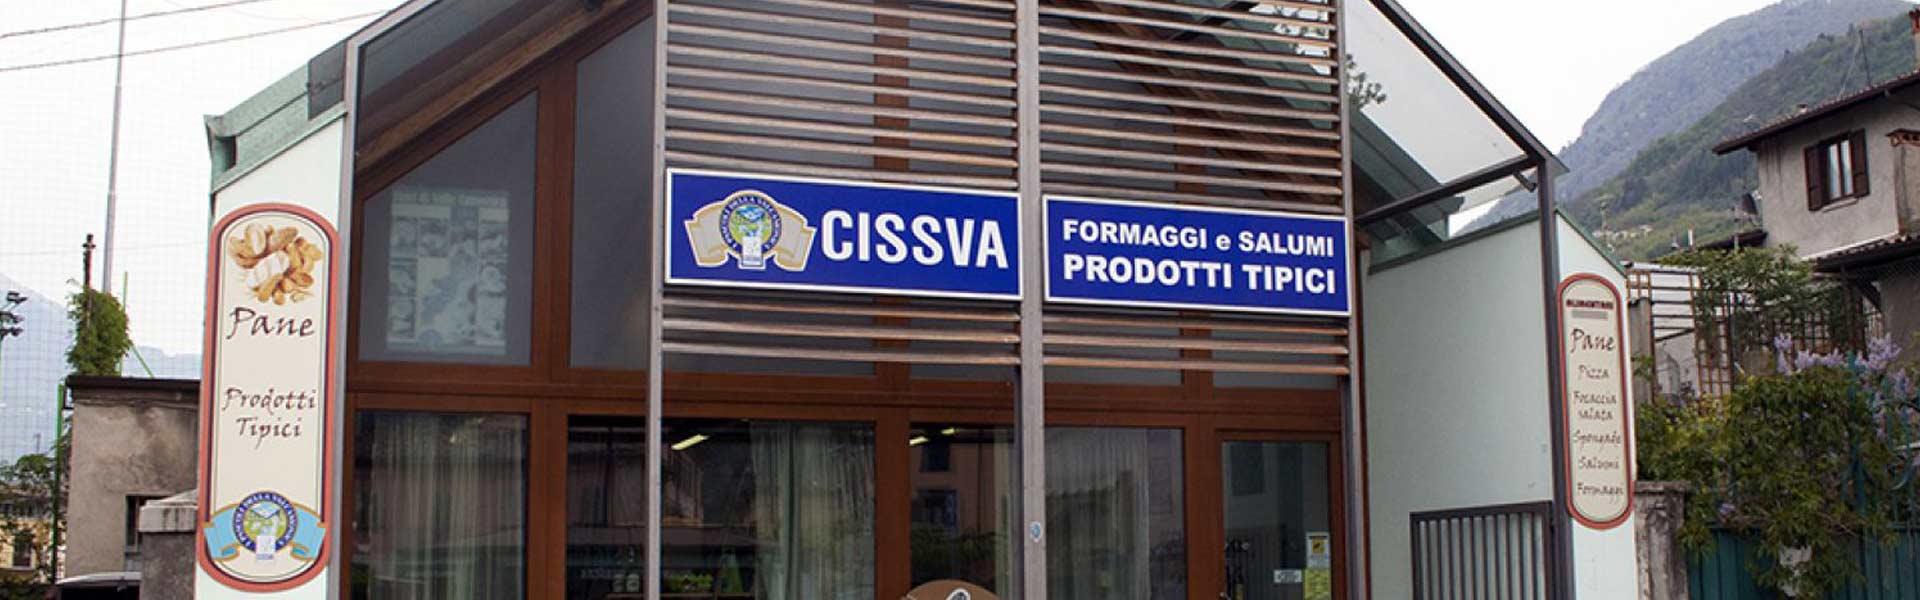 Visita in azienda presso CISSVA